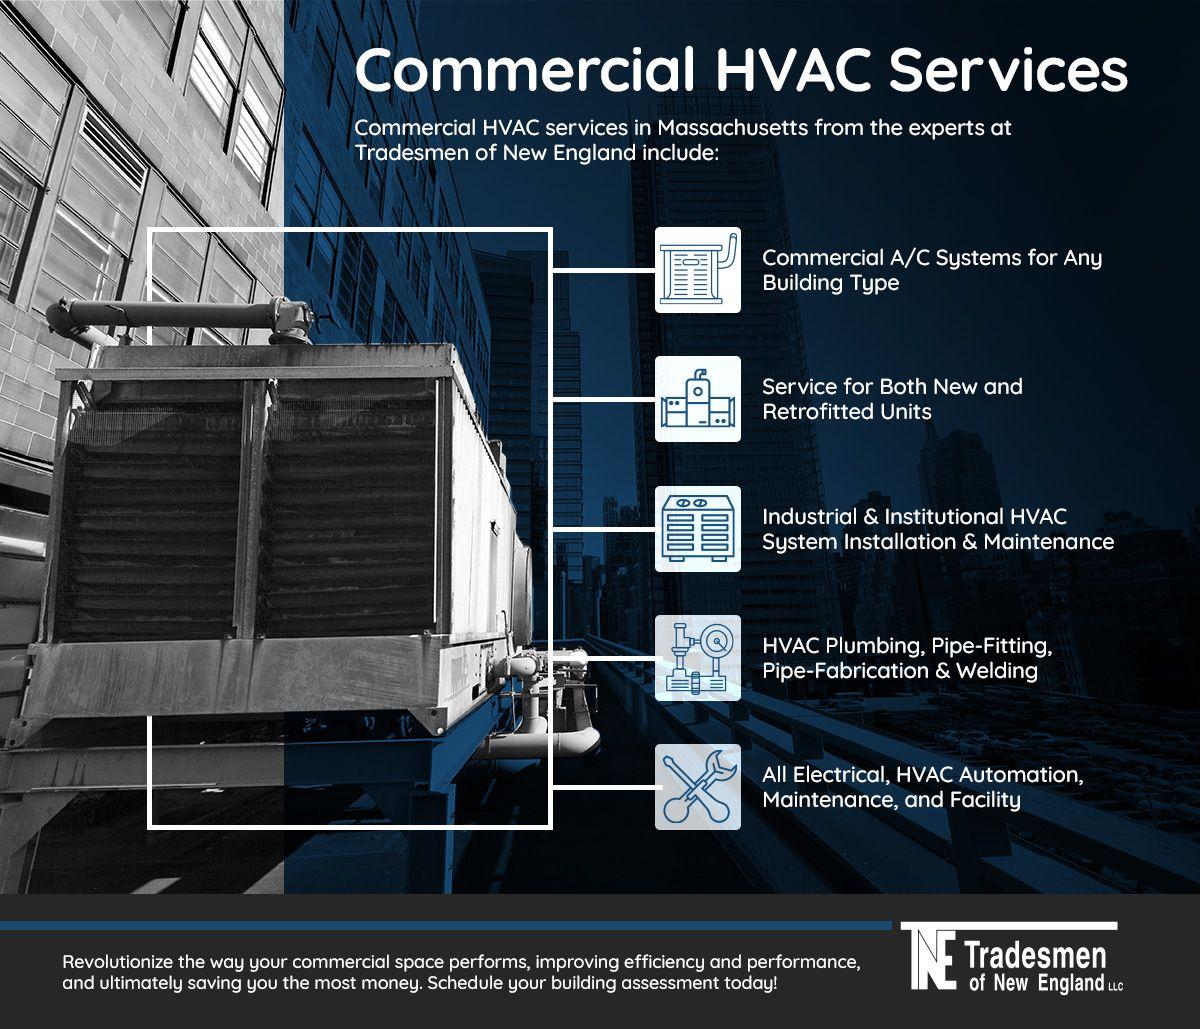 9.18.20_CommercialHVAC_Infographics.jpg